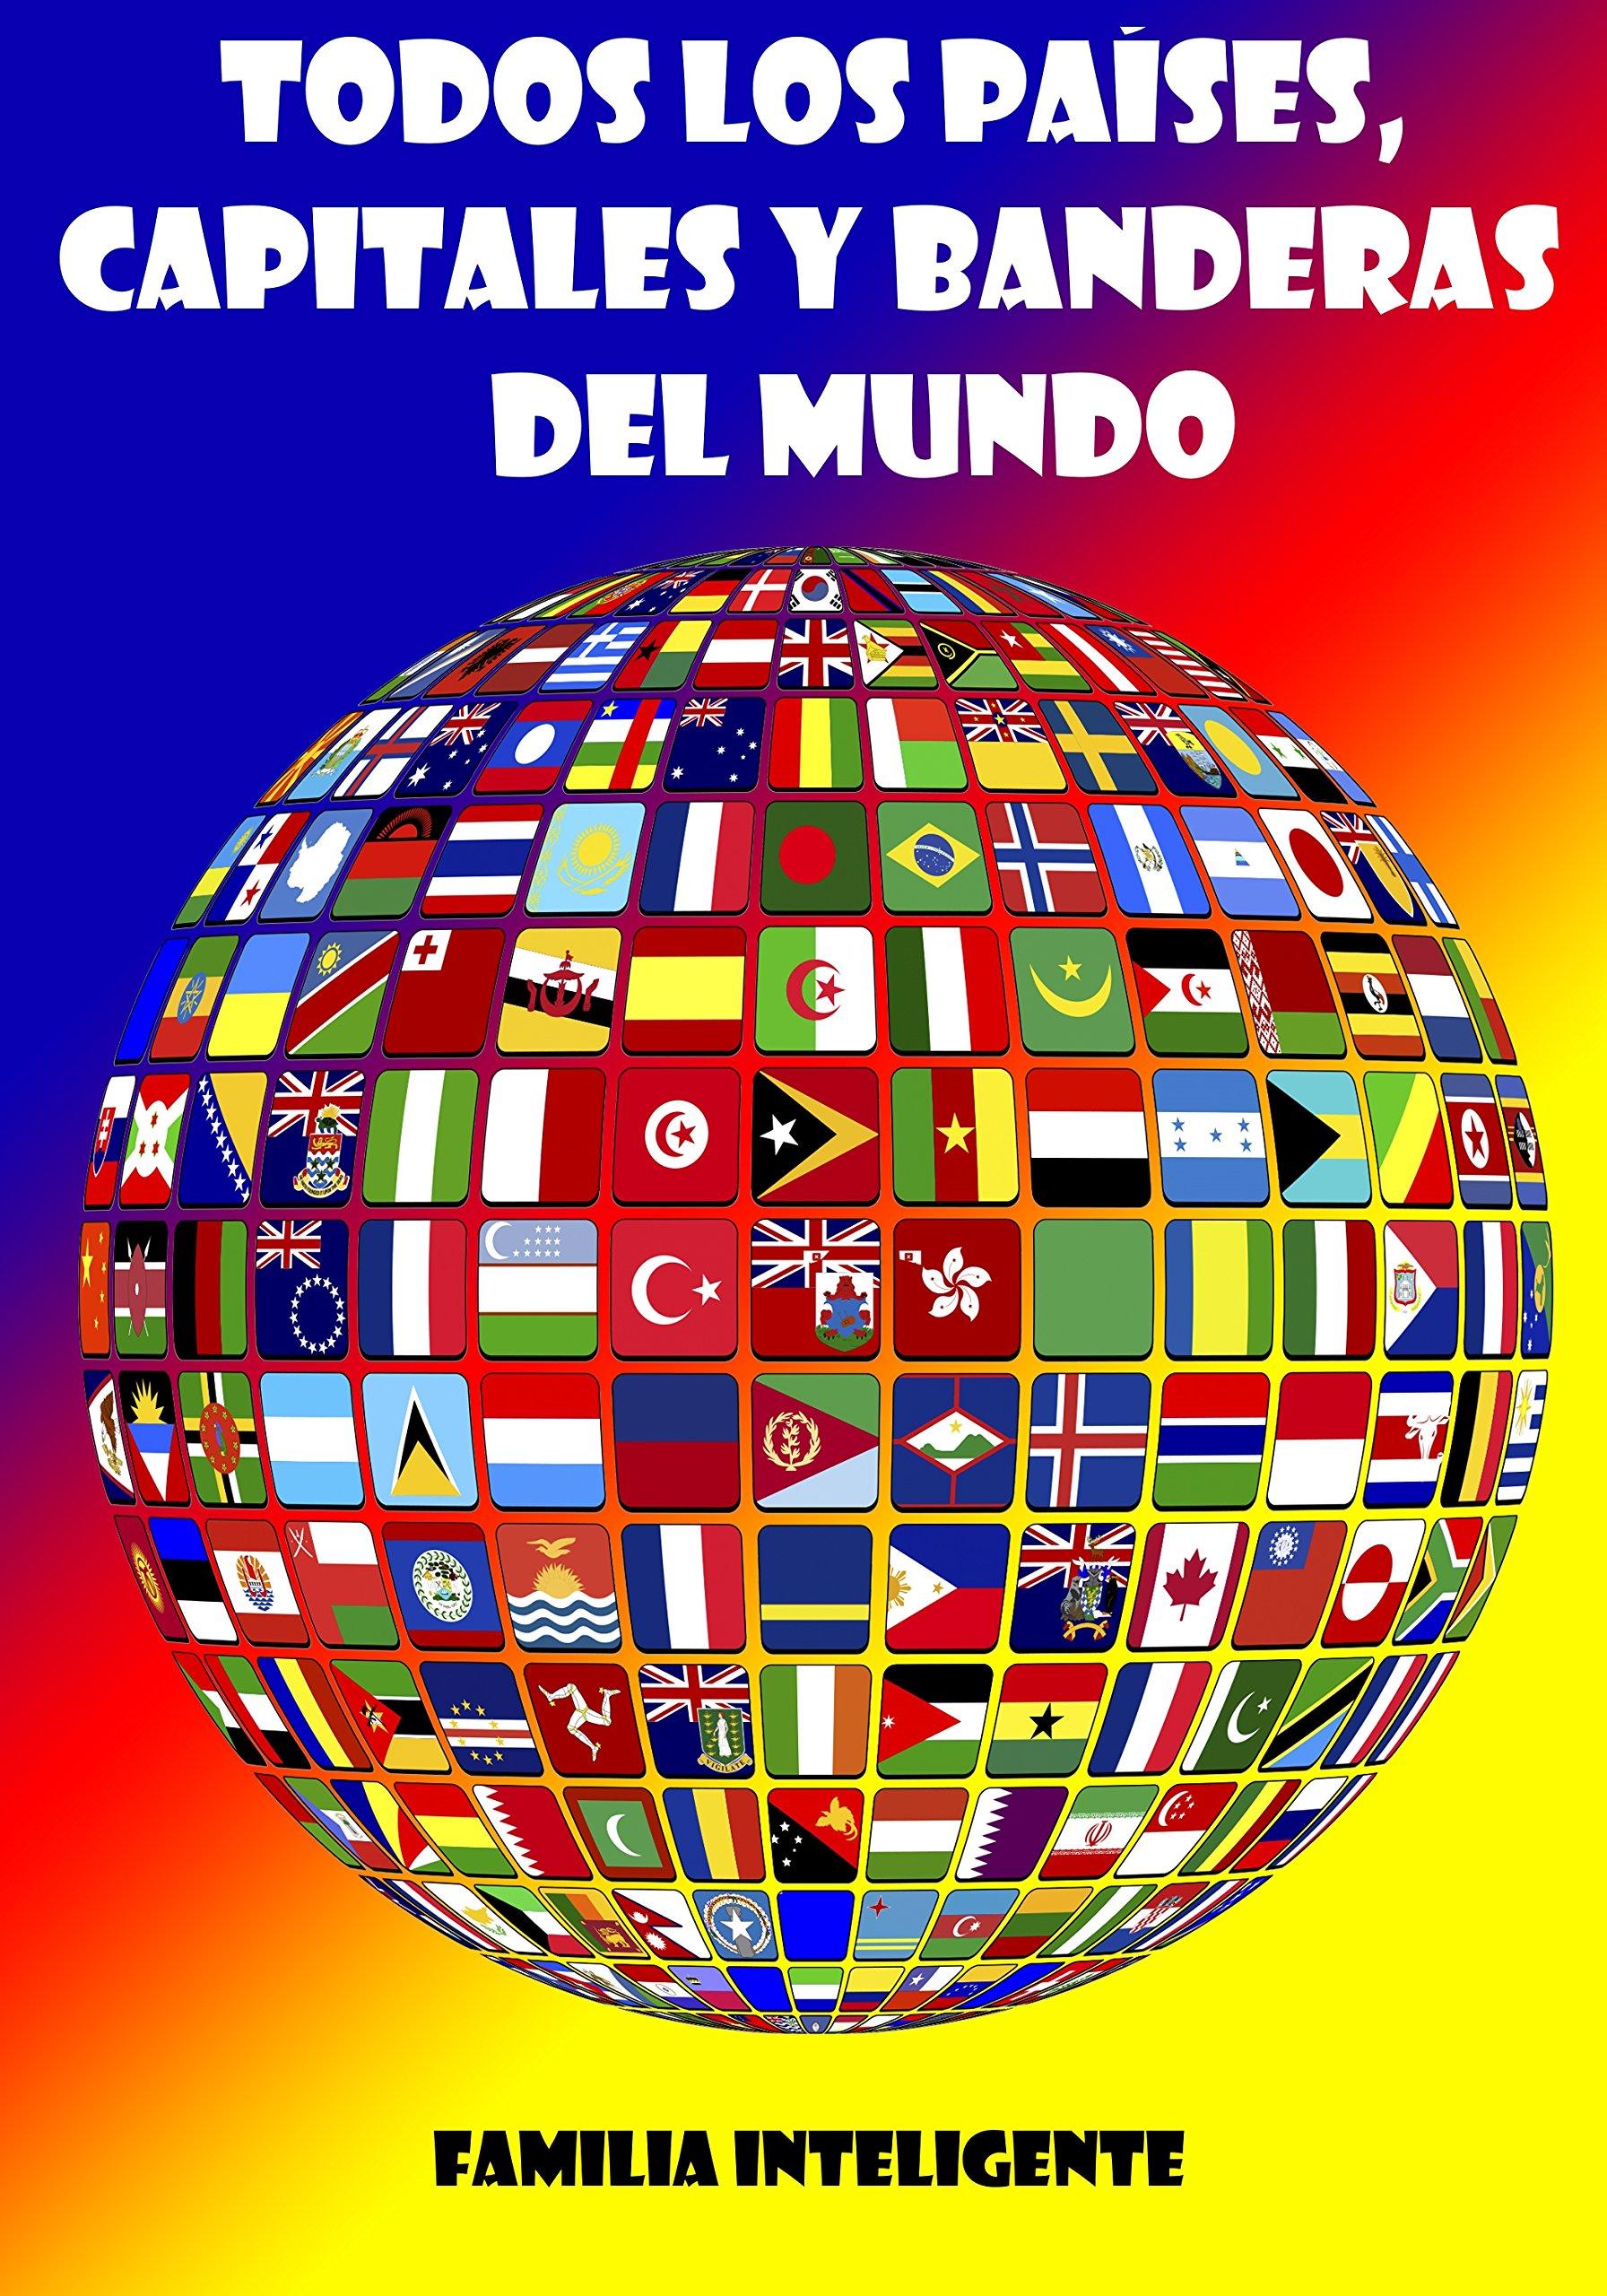 Todos los países capitales y banderas del mundo